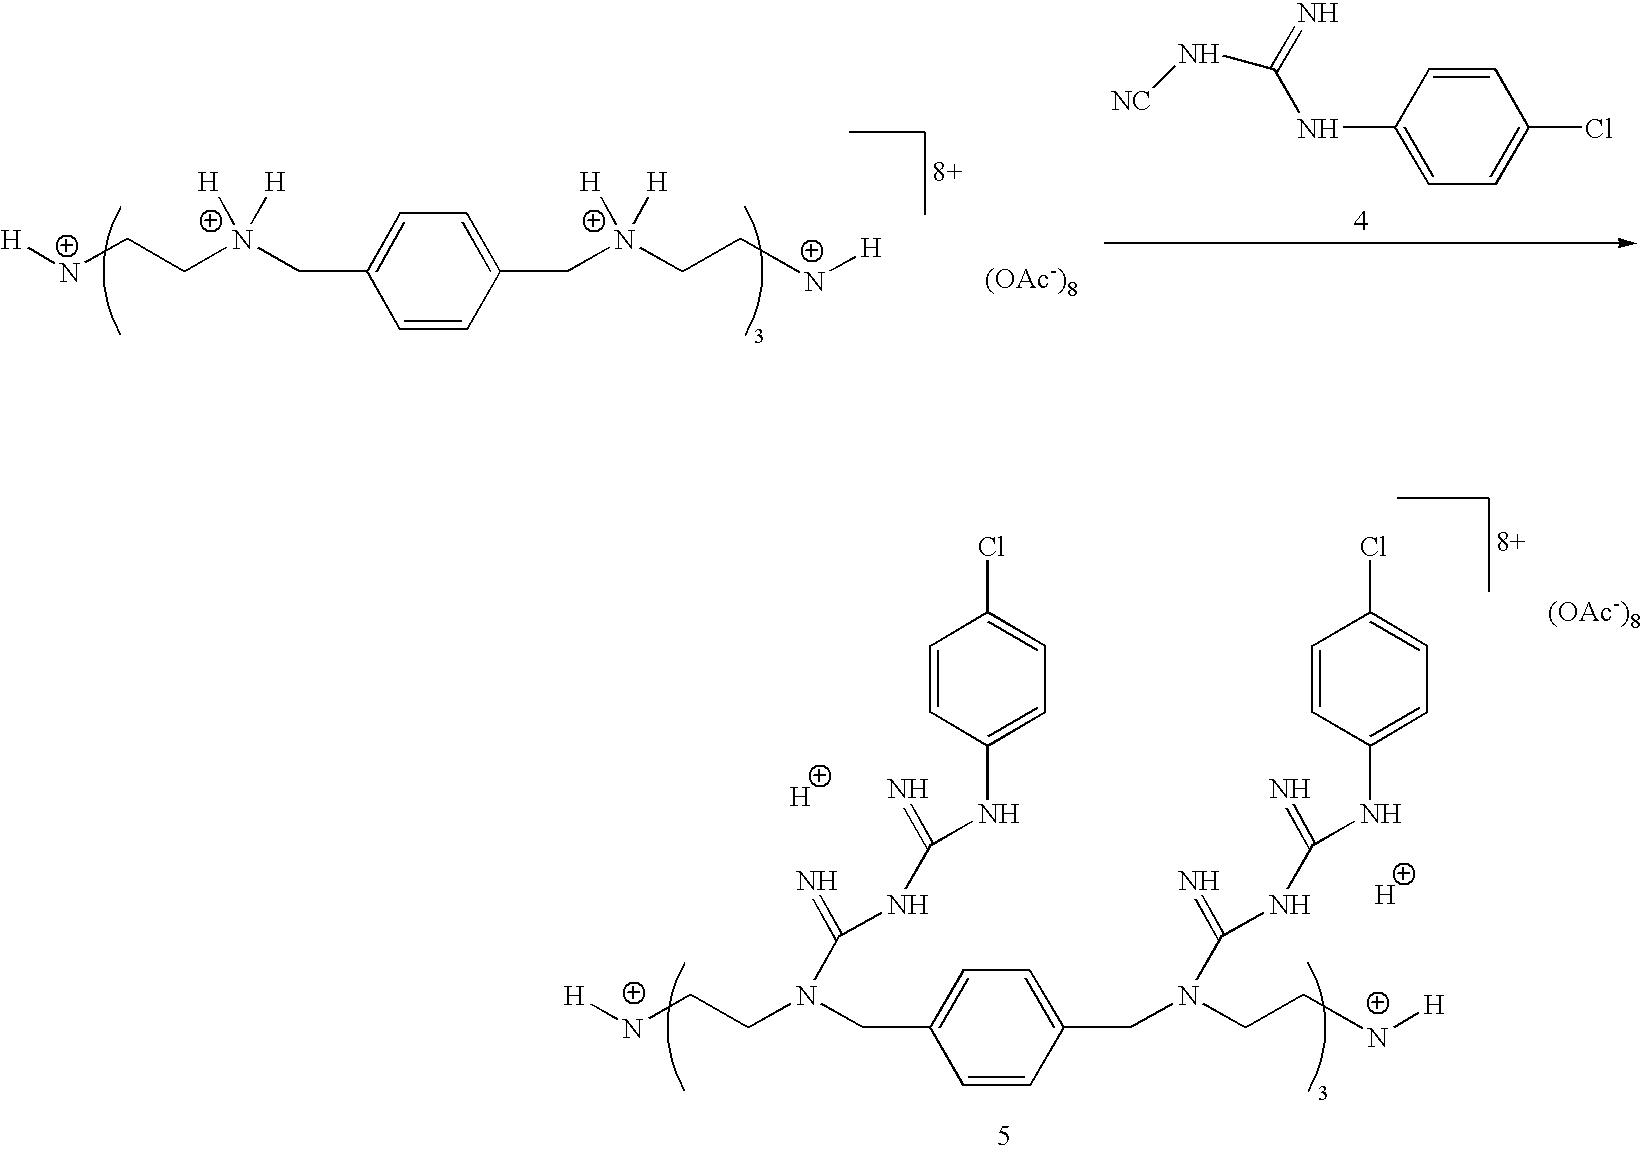 Figure US20090074833A1-20090319-C00089